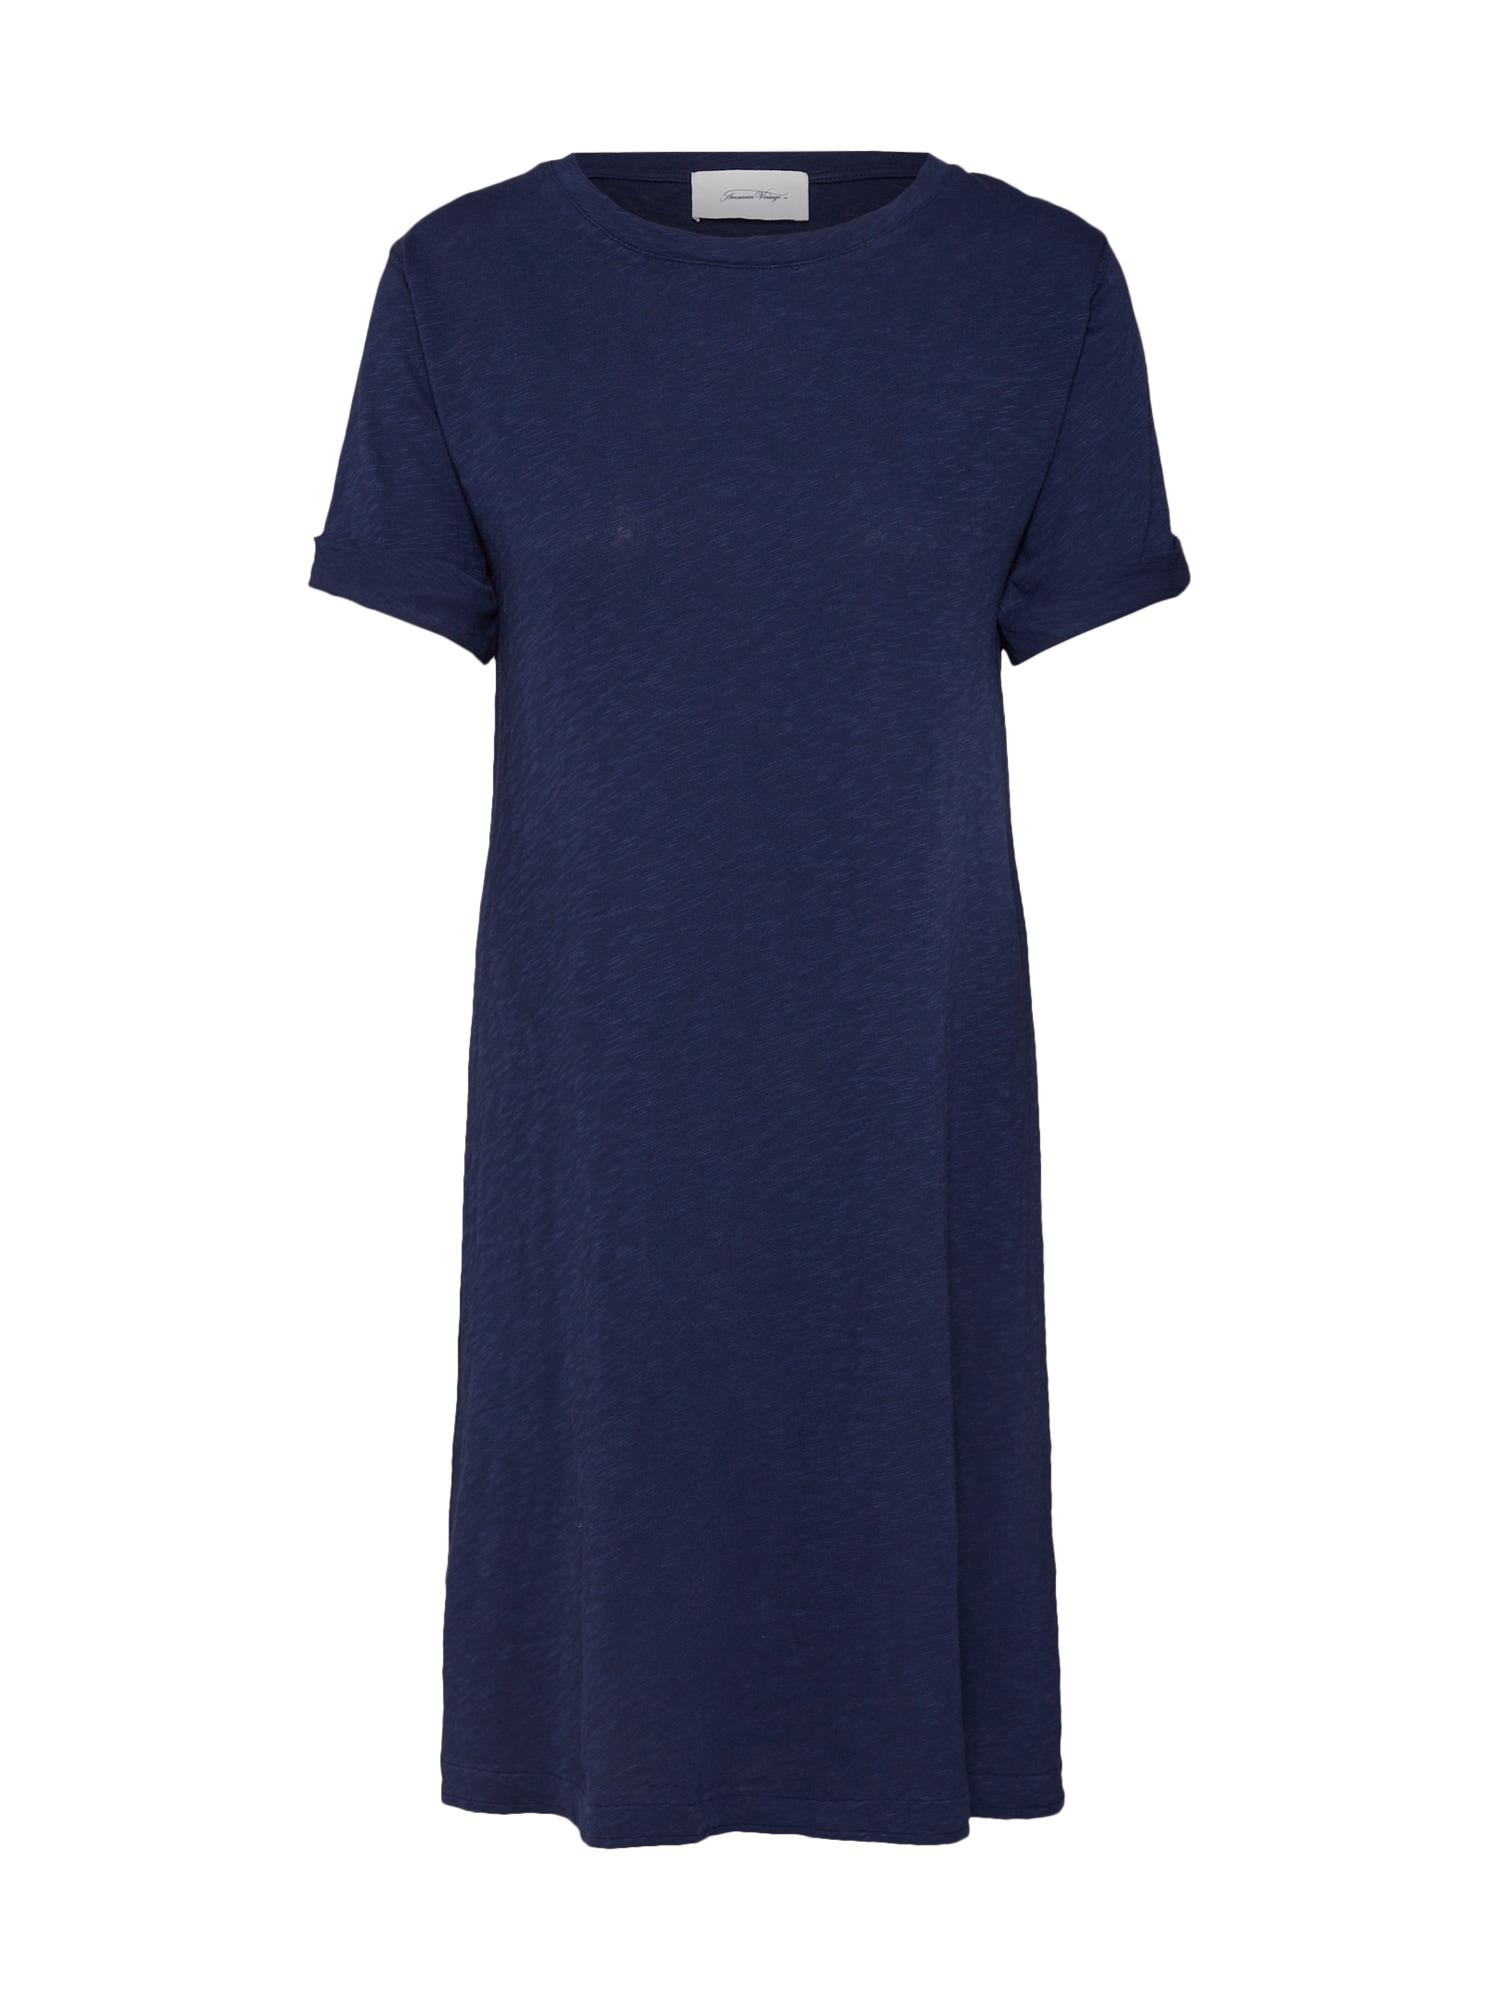 Šaty Bysapick modrá AMERICAN VINTAGE